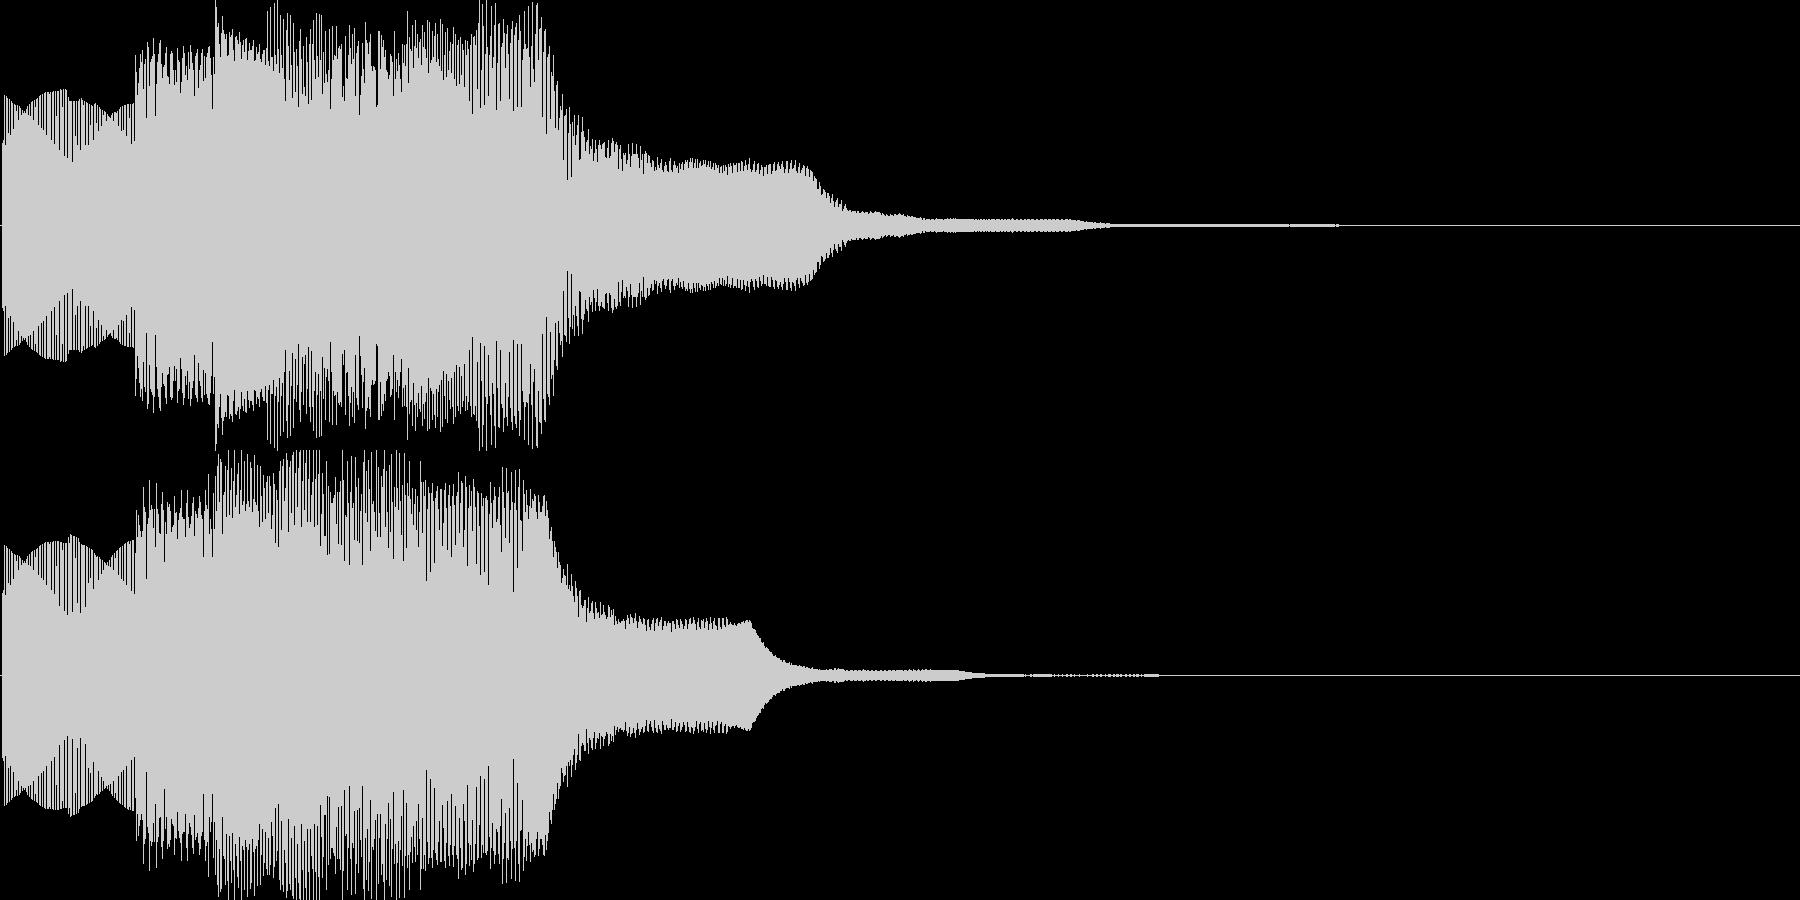 汎用決定ボタン - 1の未再生の波形